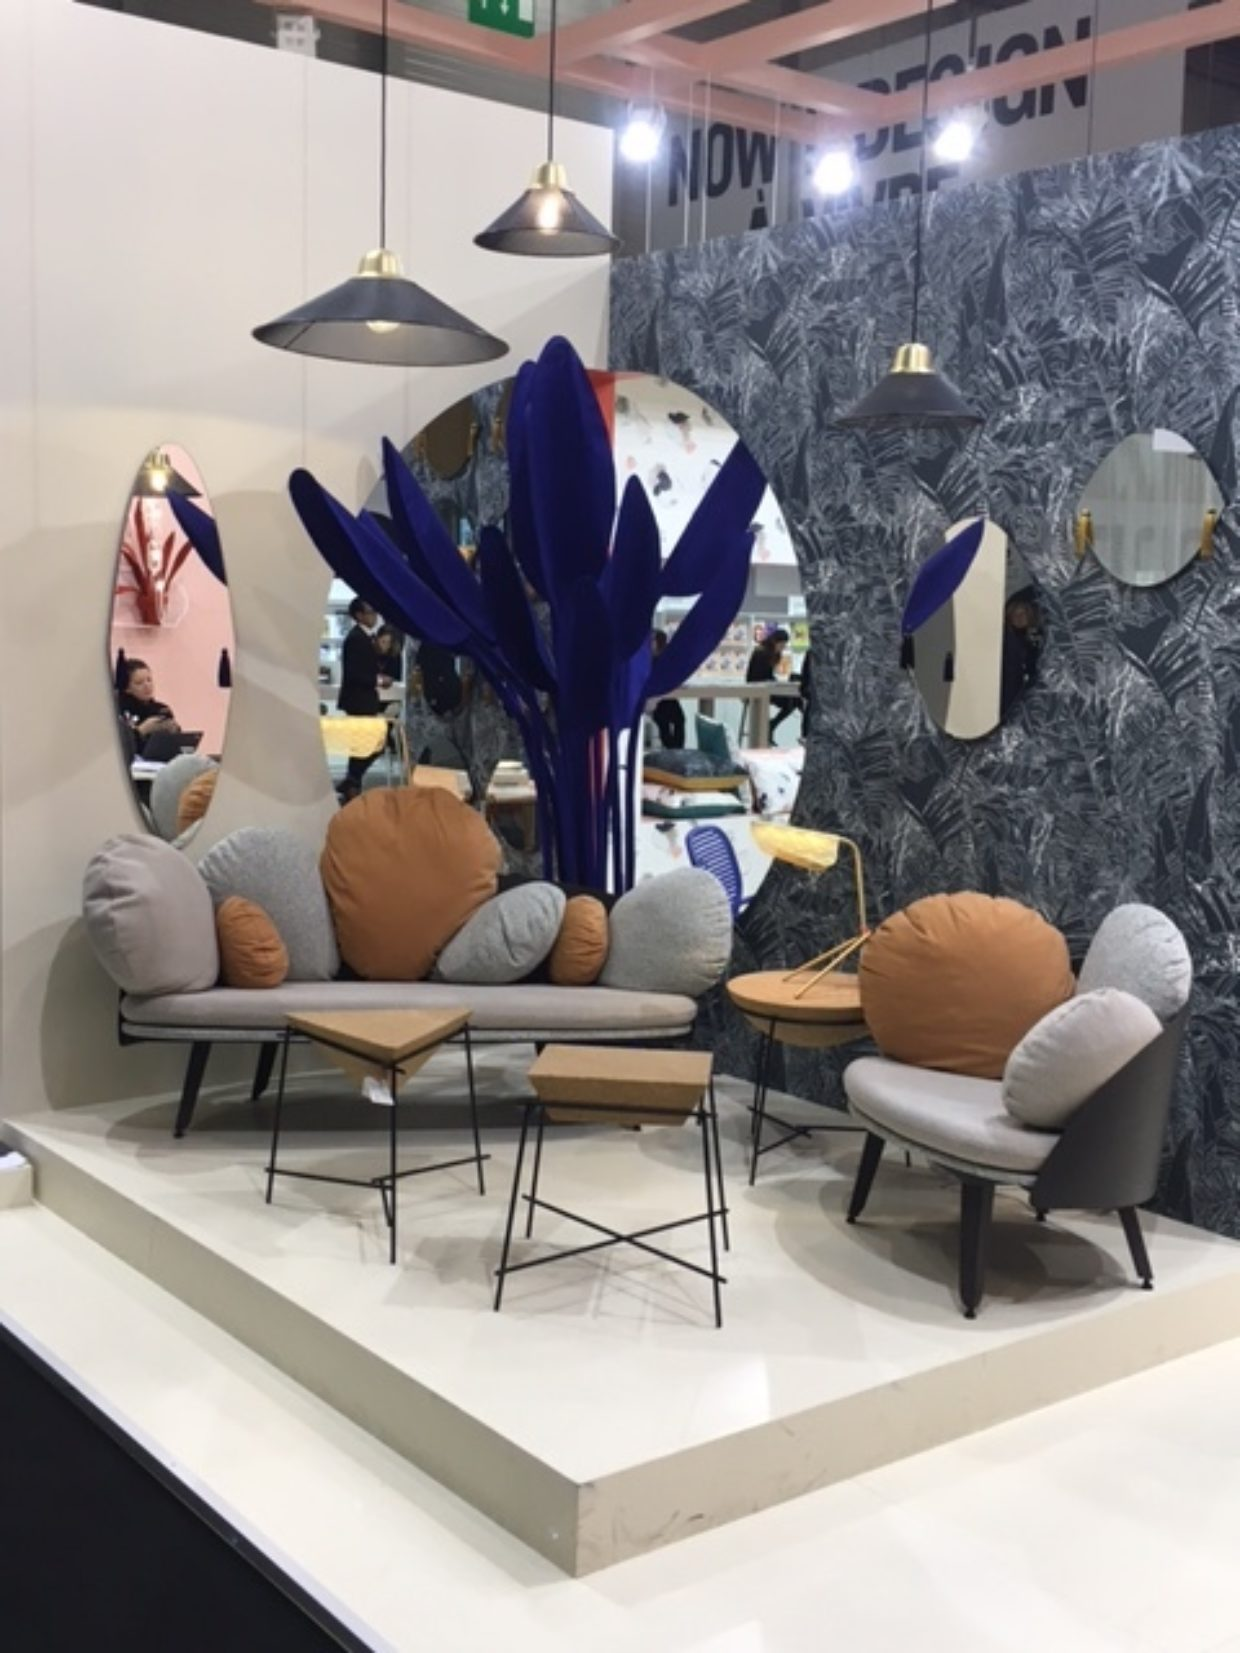 Tendances d coration nouveaut s salon maison objet 2017 - Decoration 2017 tendance ...